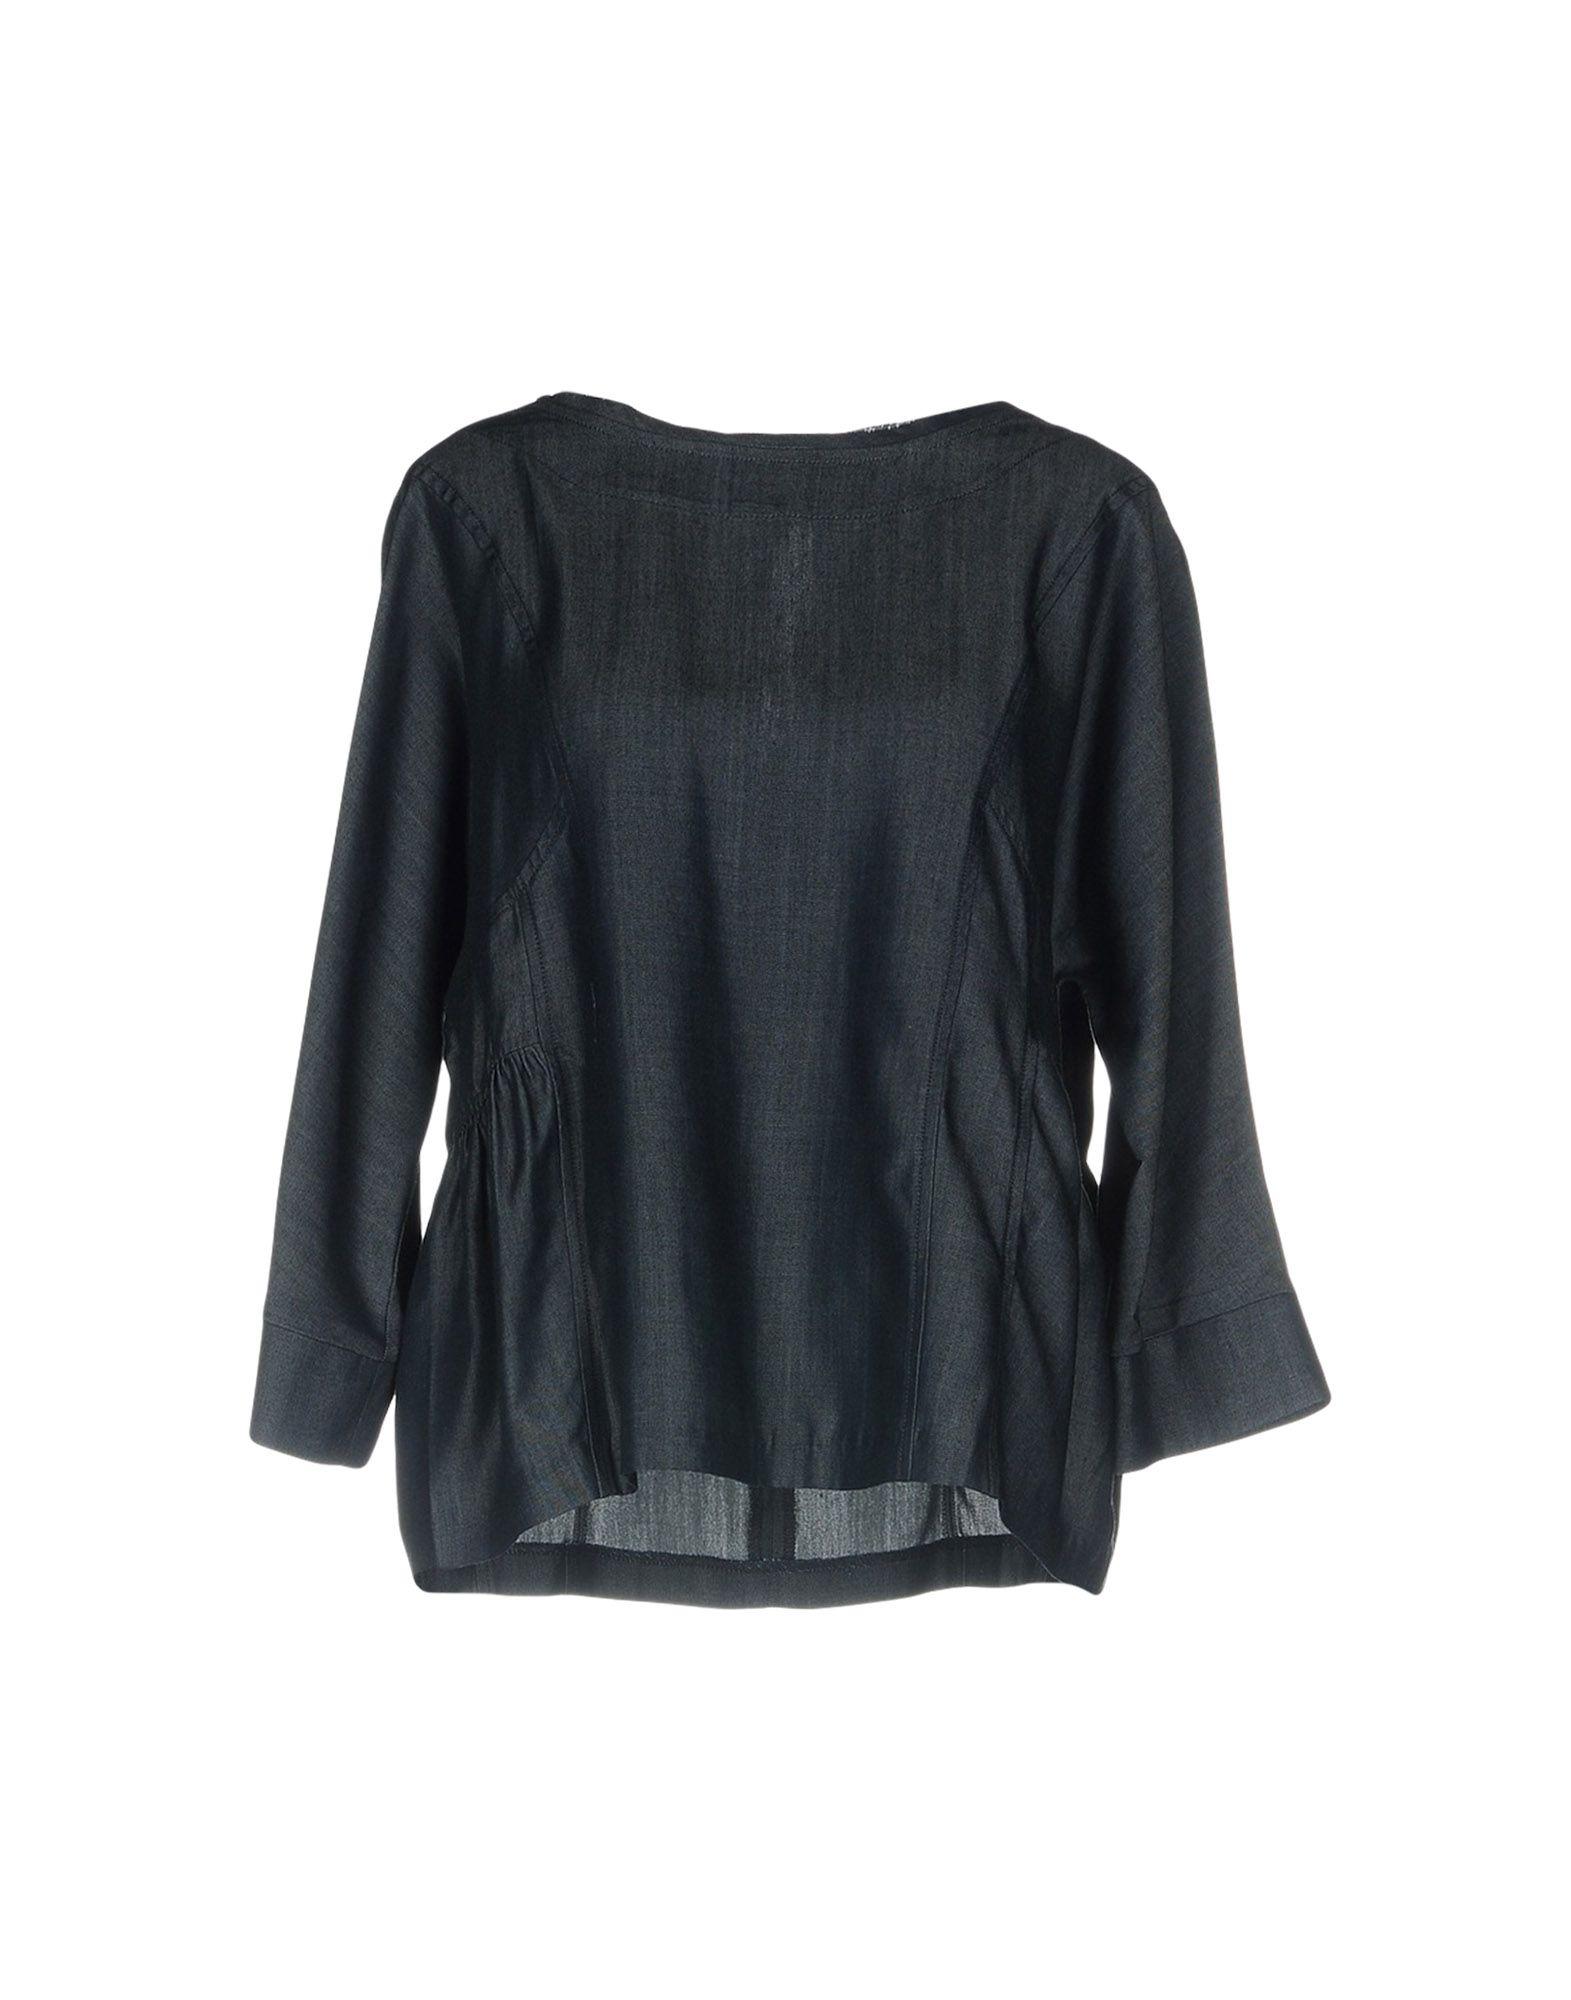 ALPHA STUDIO Джинсовая рубашка рубашка джинсовая 3 12 лет